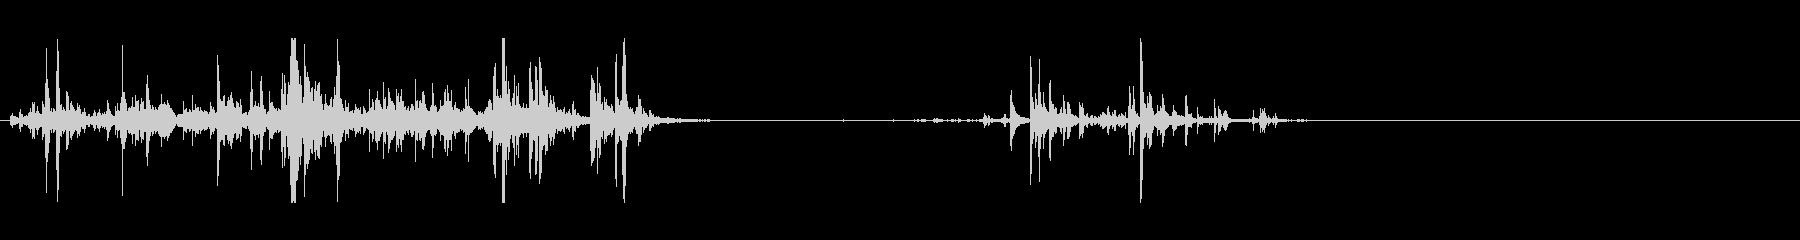 氷を掬ってコップに入れる音の未再生の波形